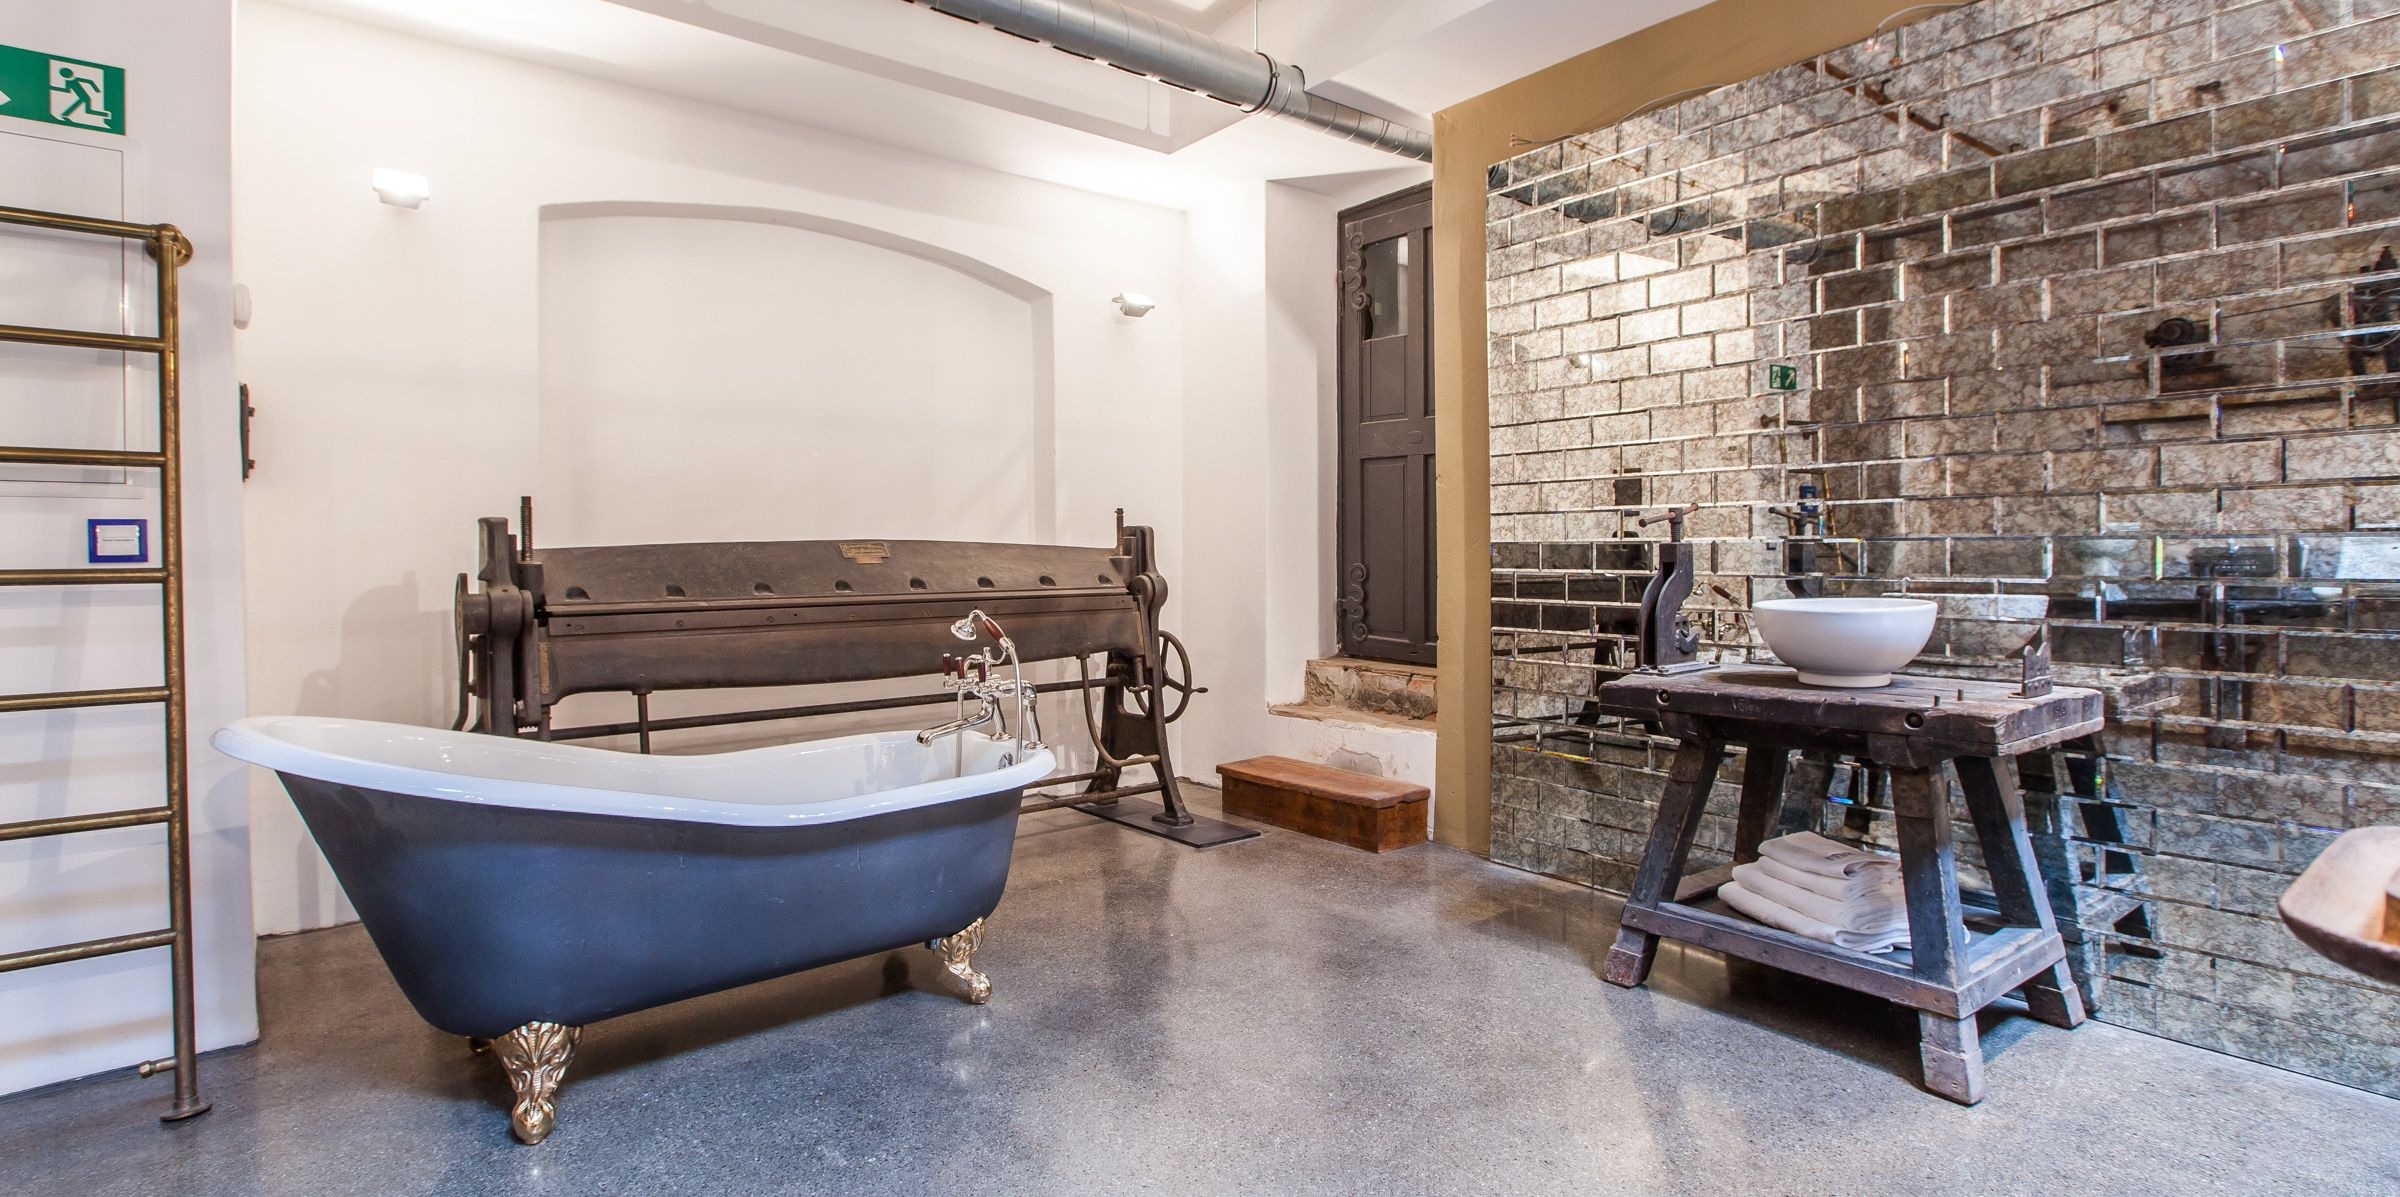 Ein Echter Blickfang In Diesem Badezimmer Welches Im Industriedesign Eingerichtet Wurde Ist Die Freistehende Badewa Traditionelle Bader Bad Design Badezimmer